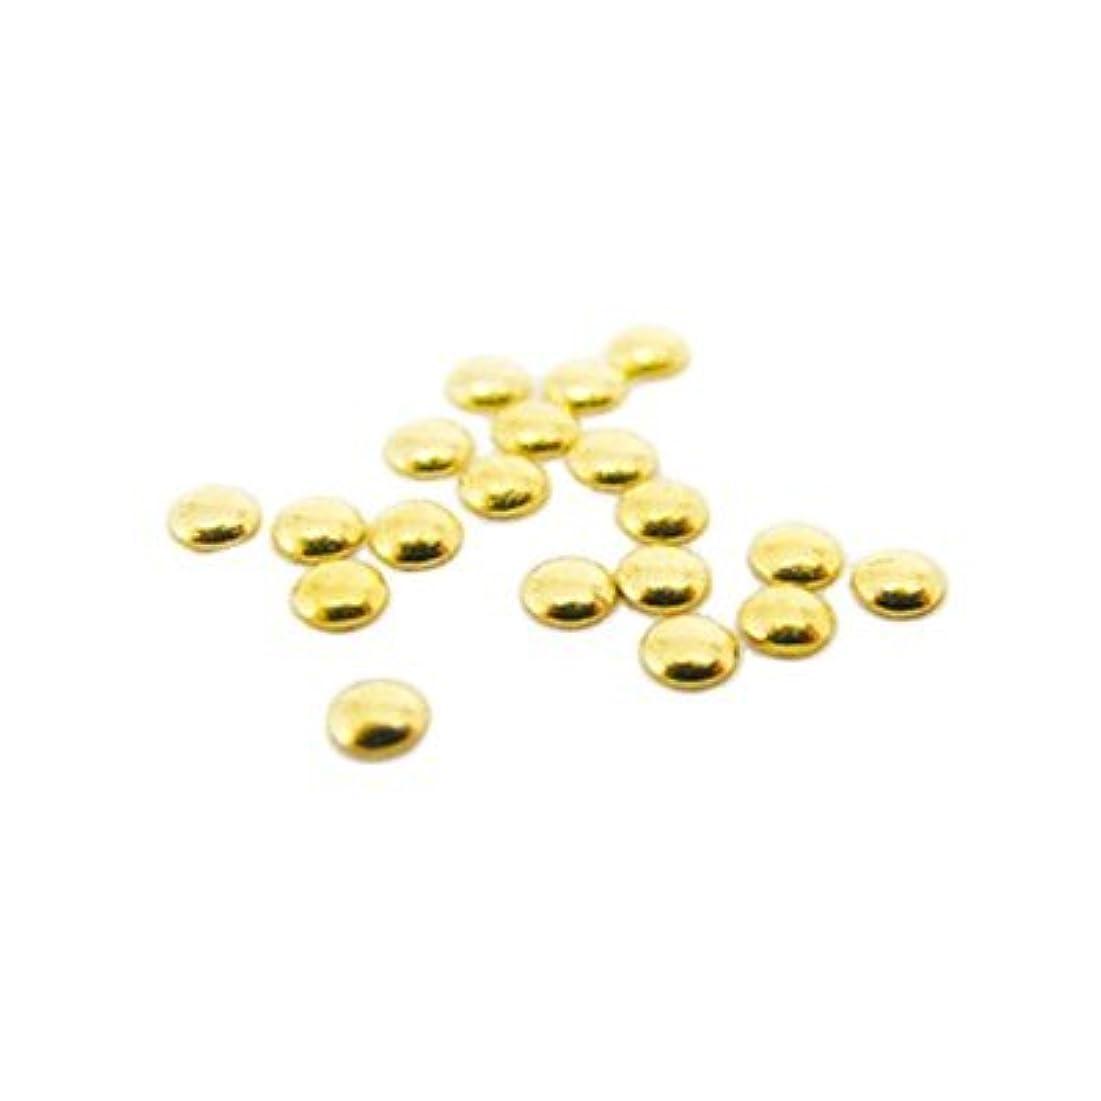 ダース仕方提案するピアドラ スタッズ 1.0mm 50P ゴールド